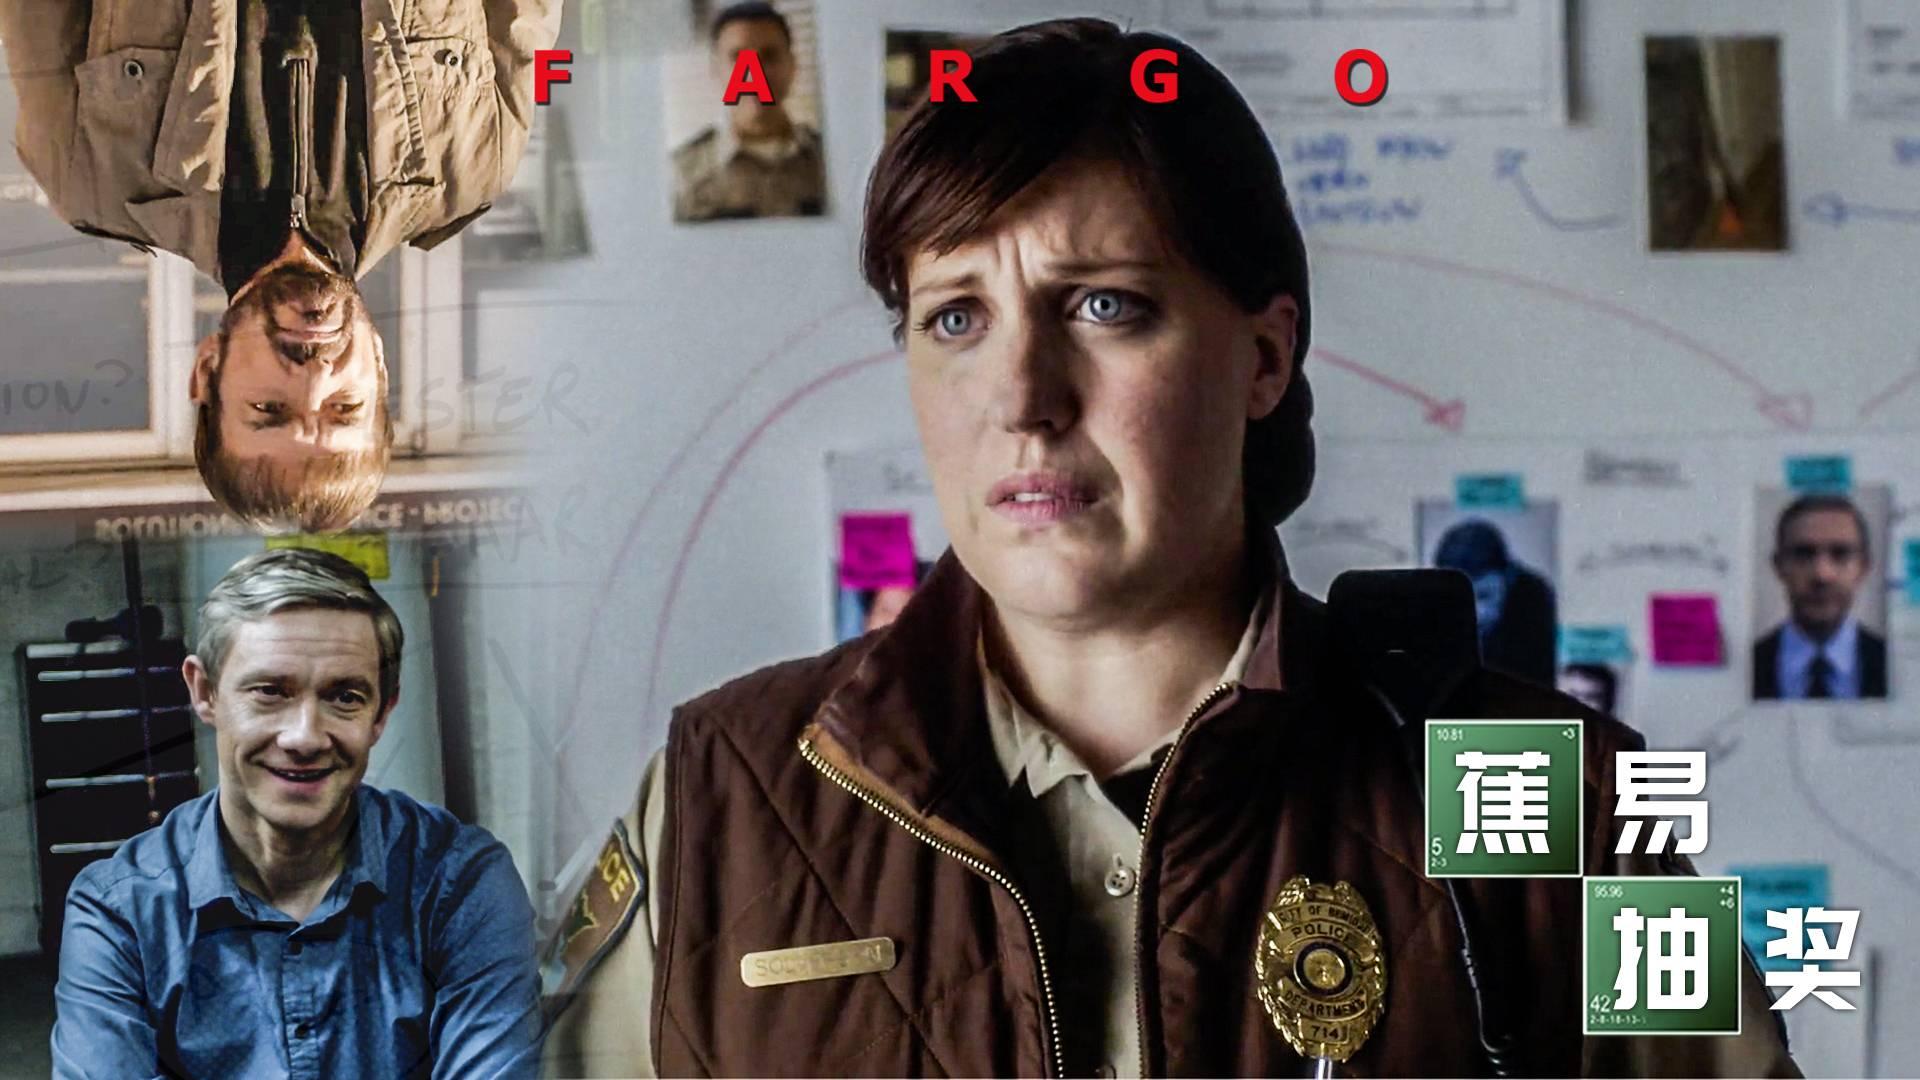 【墨菲】《冰血暴》第一季6期:莫莉再入悬案,马尔沃复仇团灭黑帮,莱斯特黑化完全体